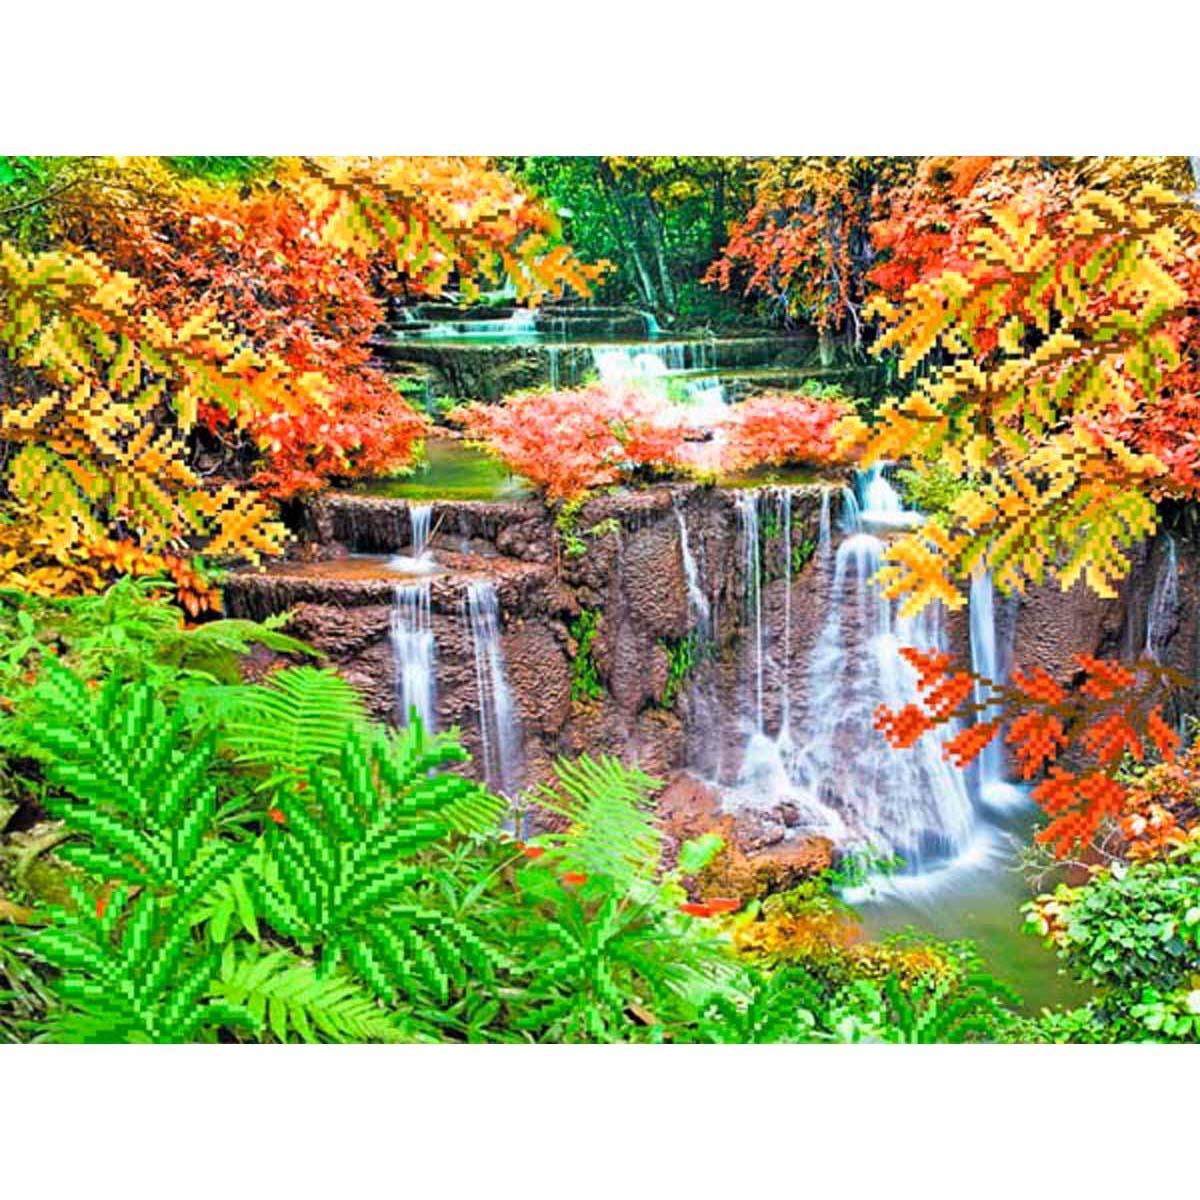 4126 Рисунок на шелке Матренин посад 'Все краски осени' 33*45см (37*49см)